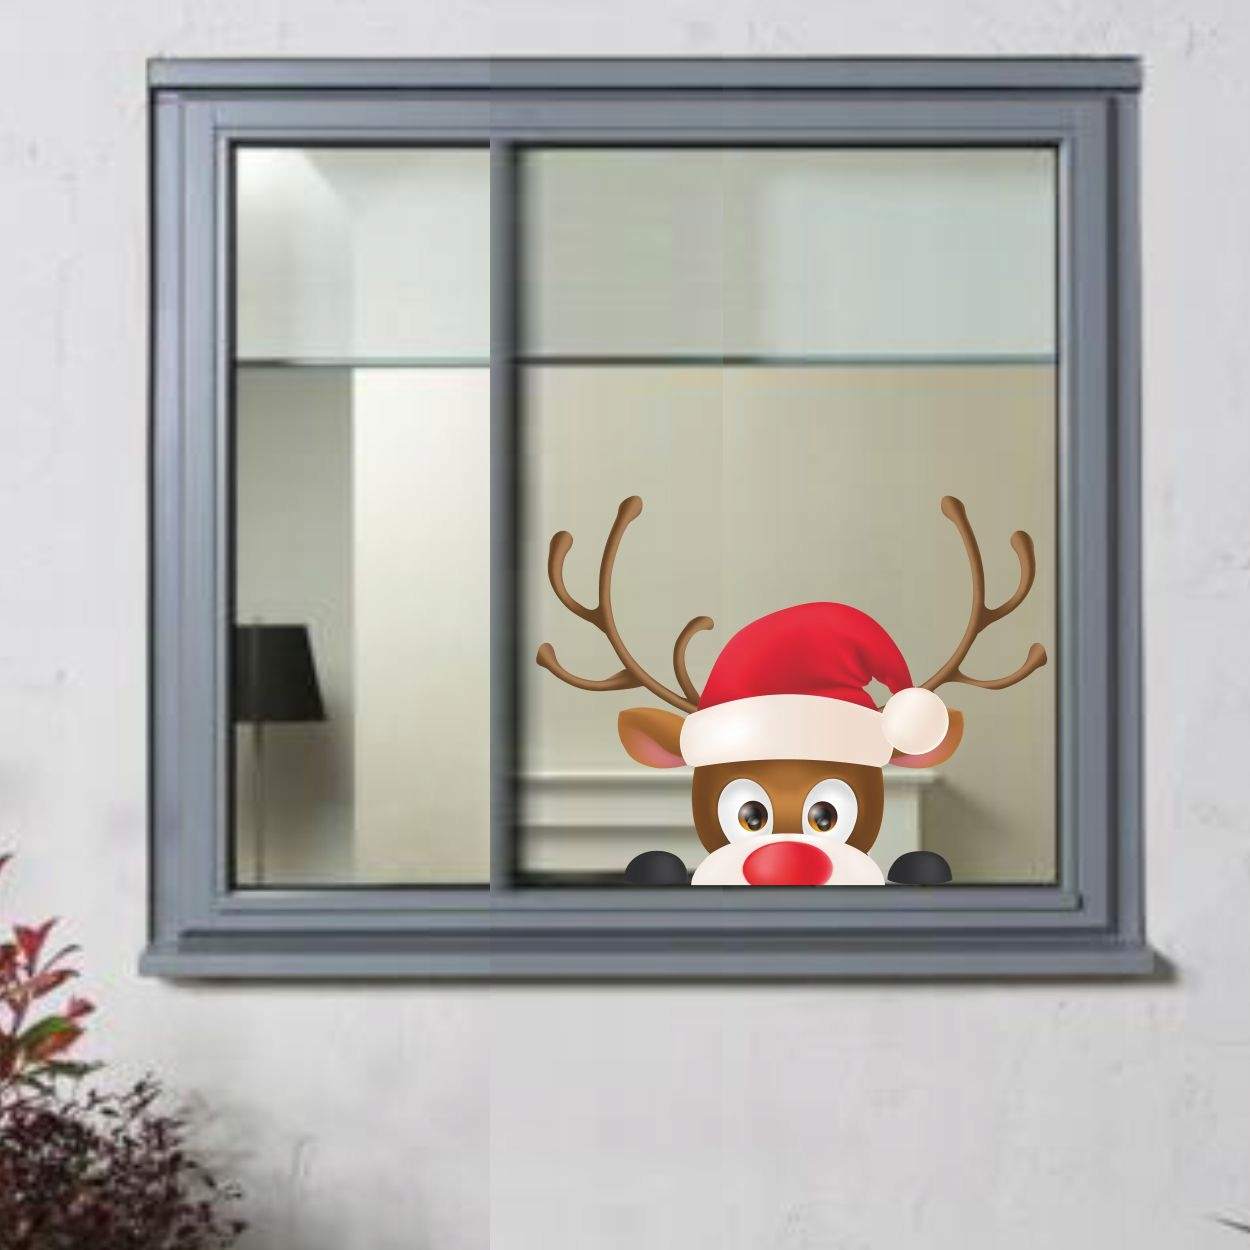 представляется, что картинки на стекло новый год олени тогда обновка станет